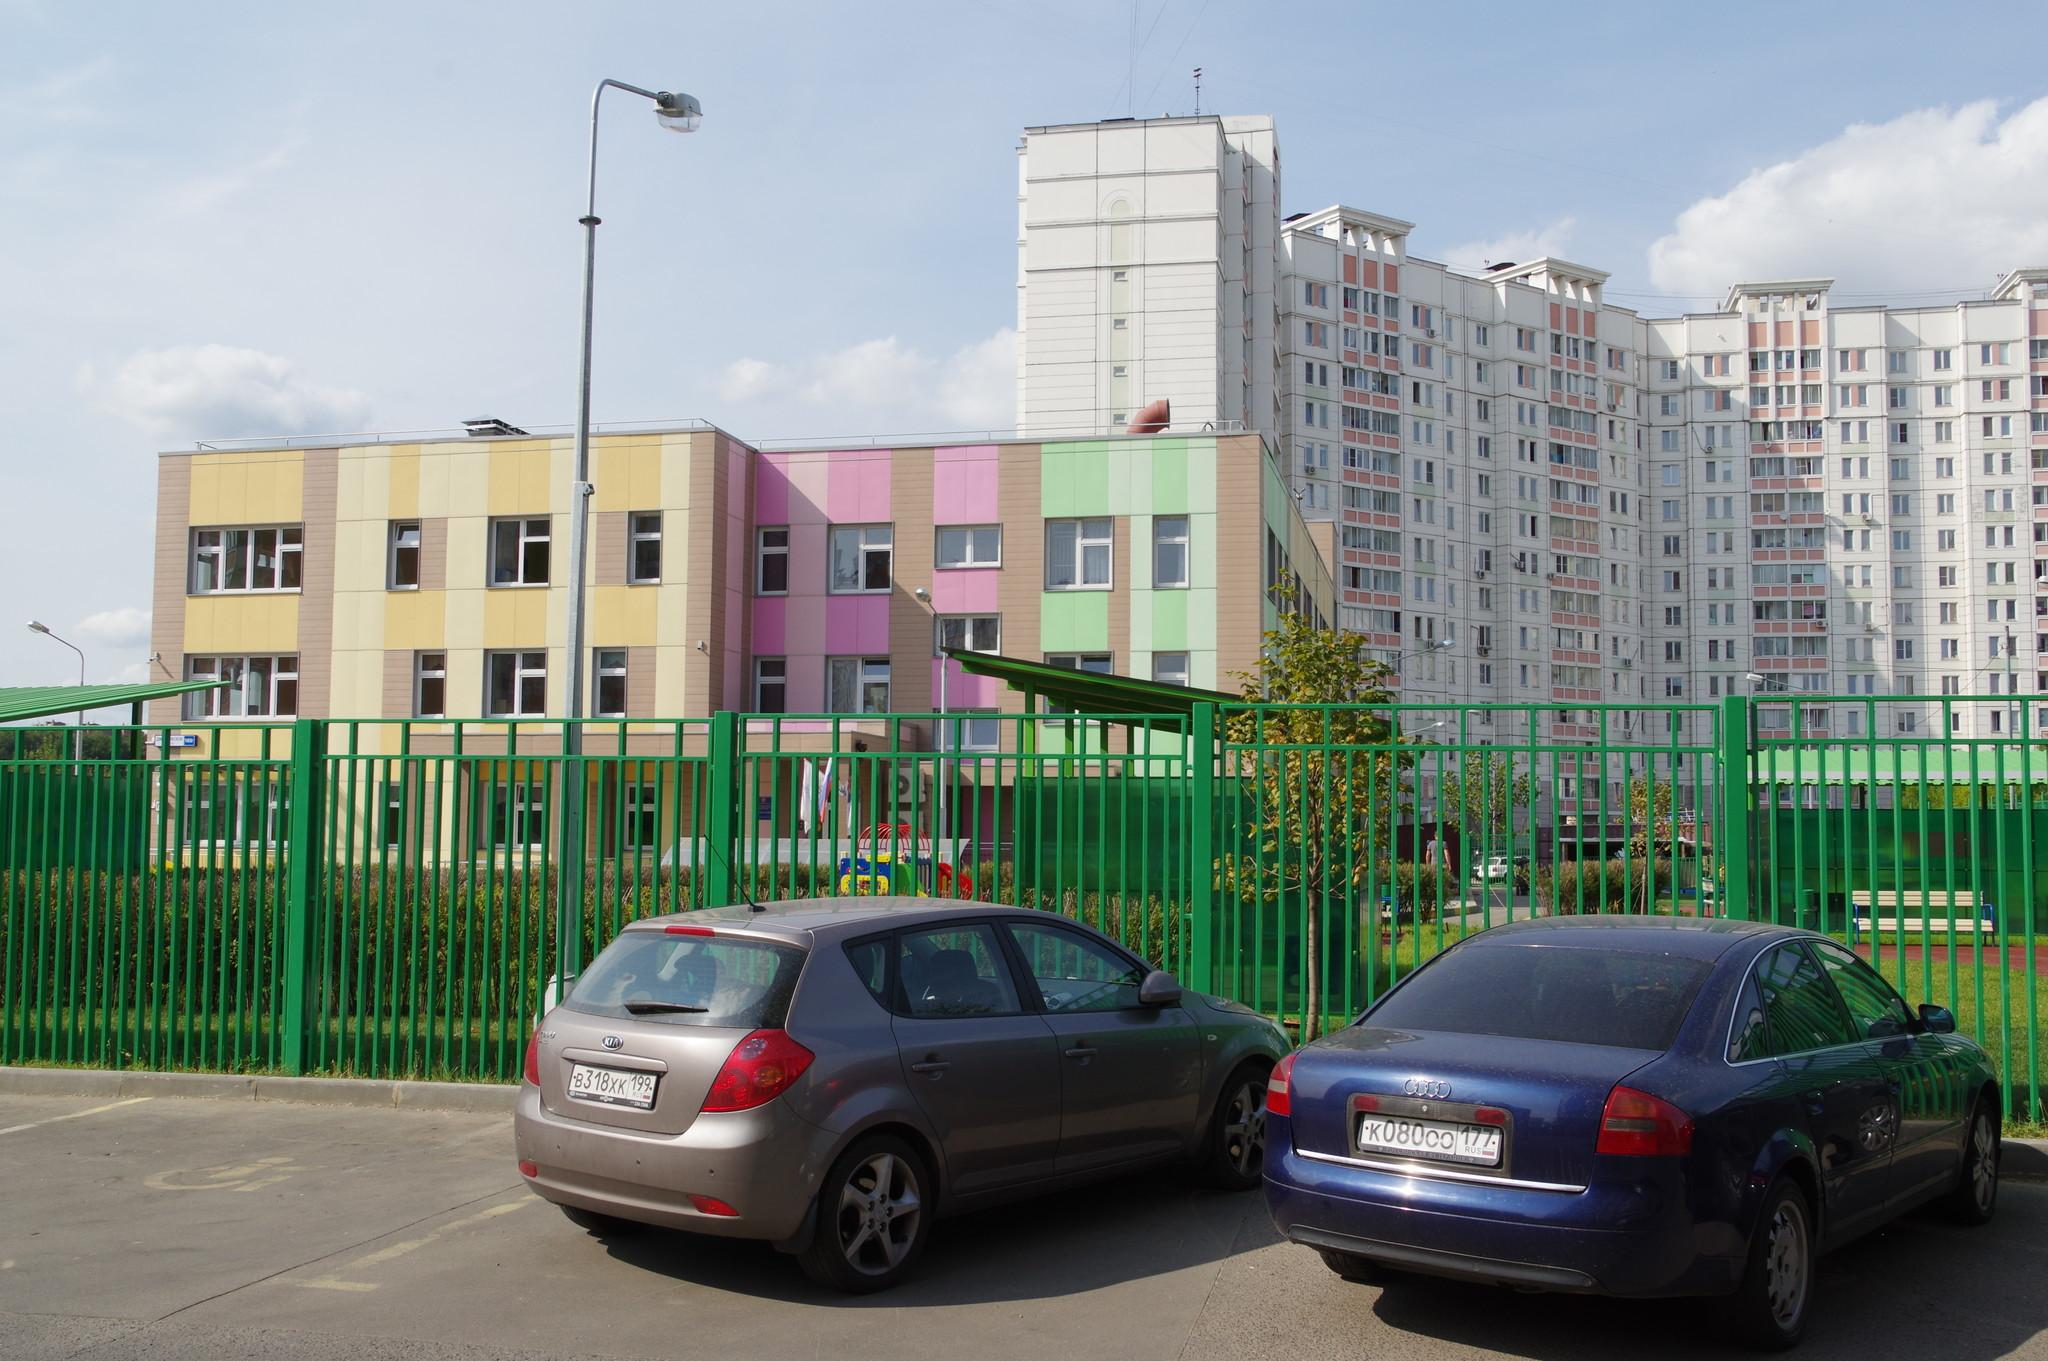 Дошкольное образовательное учреждение на 200 мест (Дмитровское шоссе, вл. 165, корп. 5)